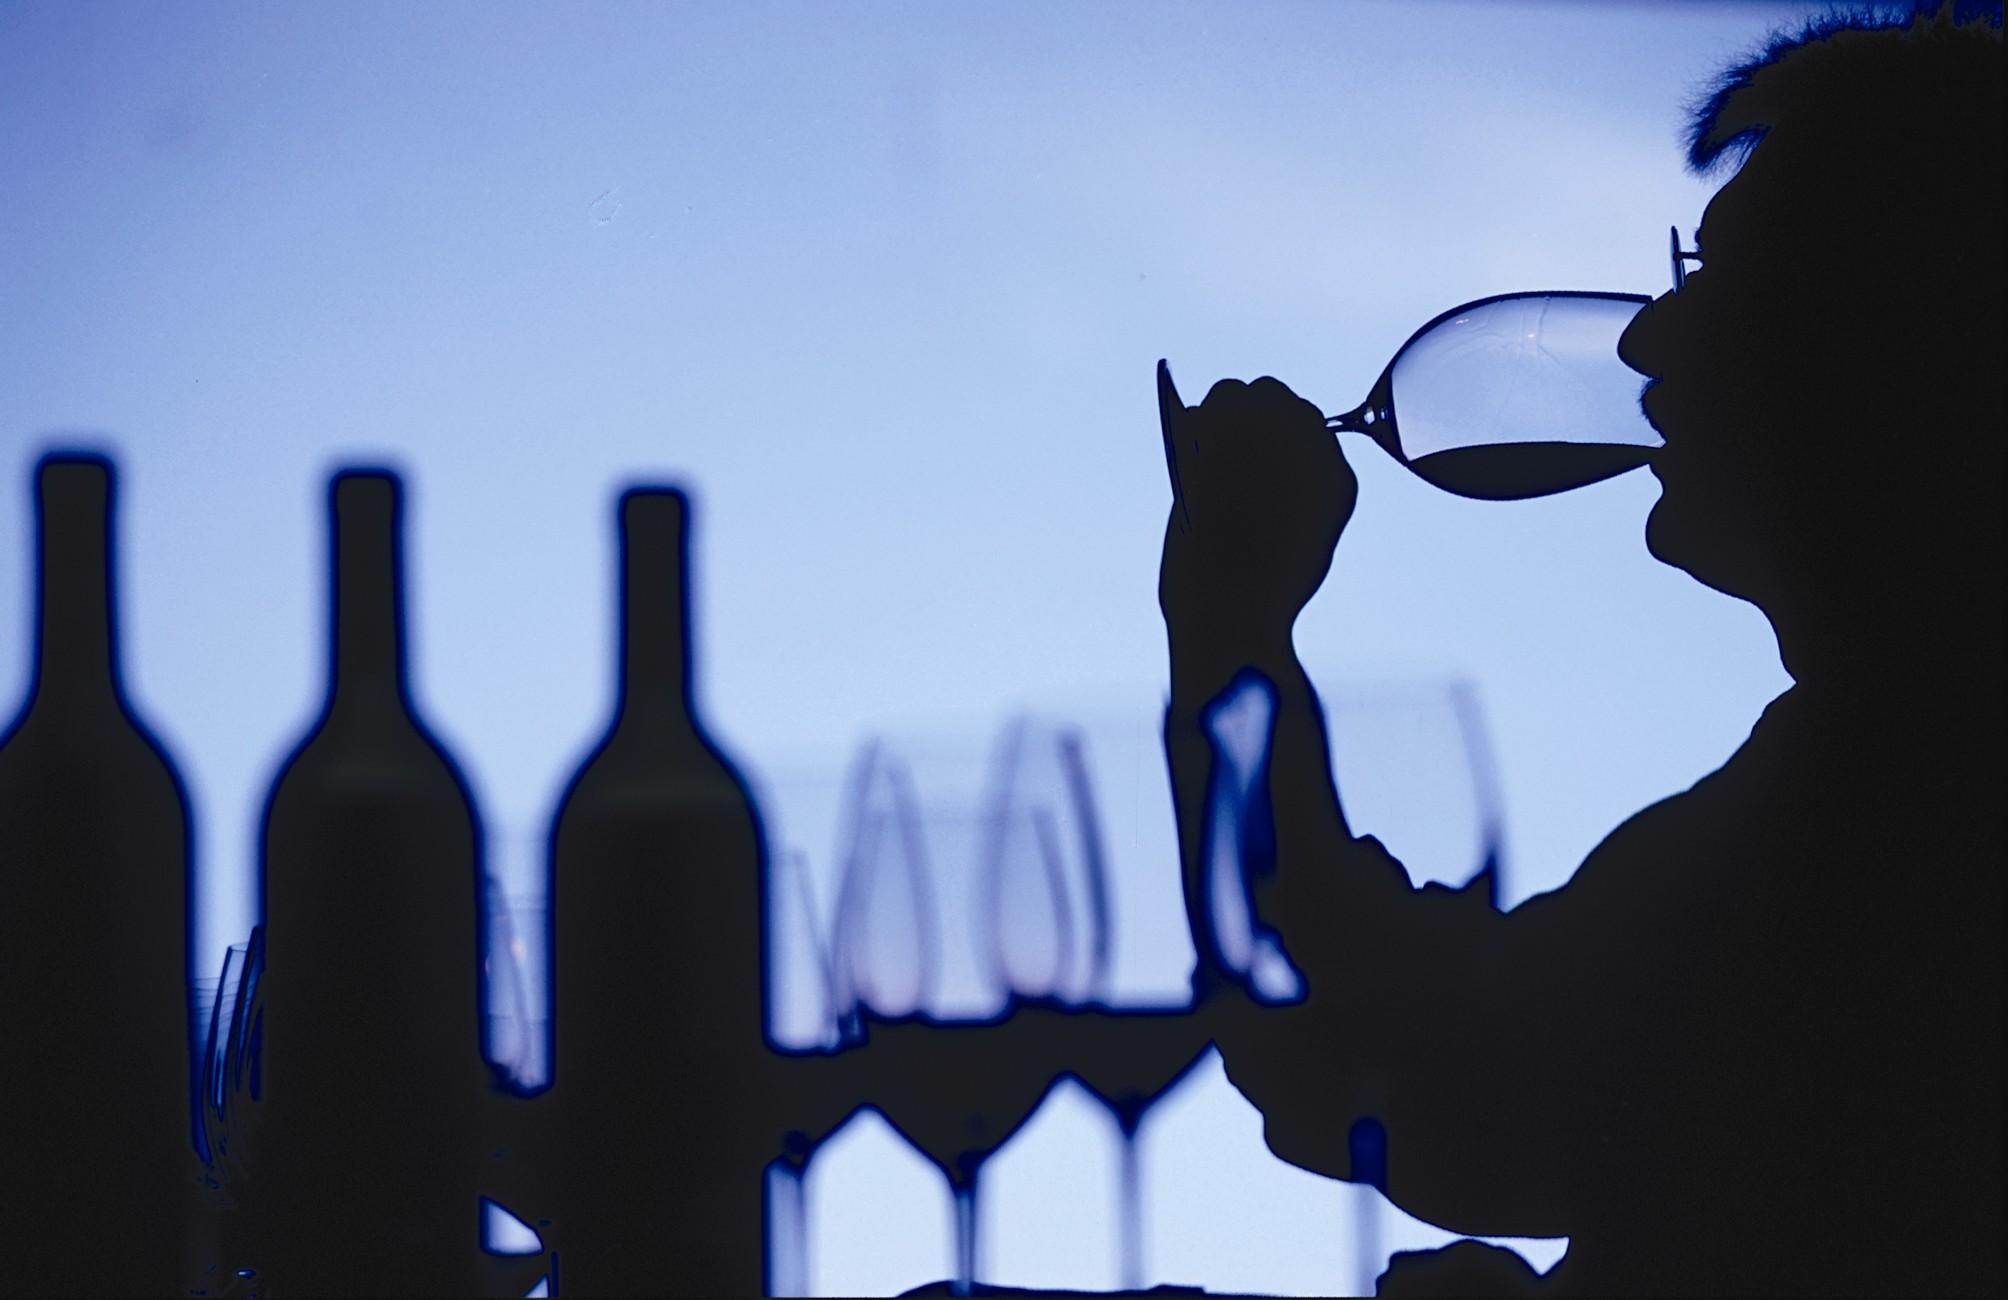 ¡Salud! Guía de los mejores tres bares de vinos de Buenos Aires